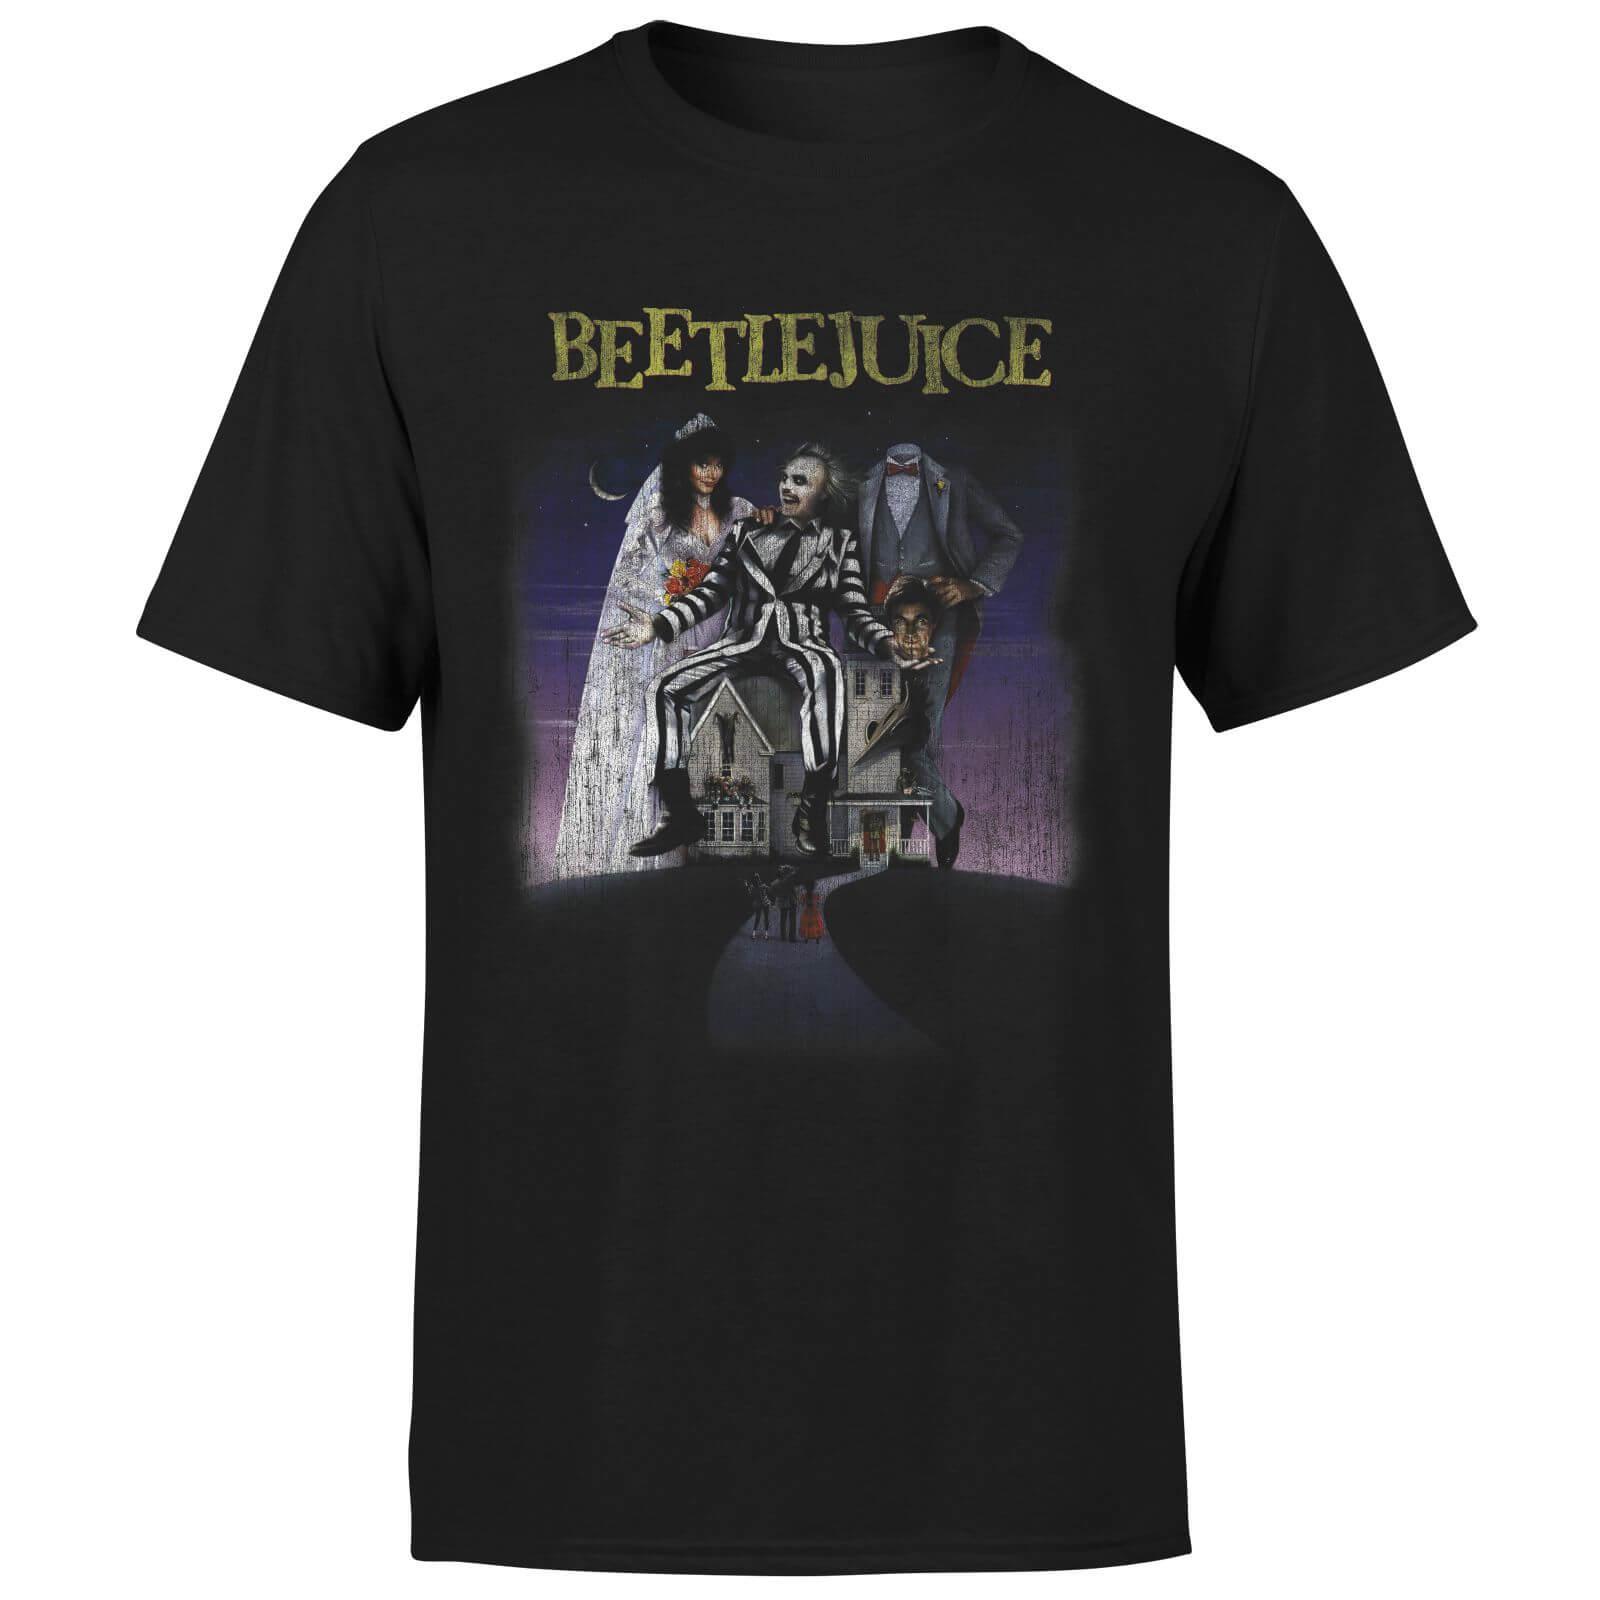 Beetlejuice T-Shirt Homme Affiche Abîmée Beetlejuice - Noir - S - Noir